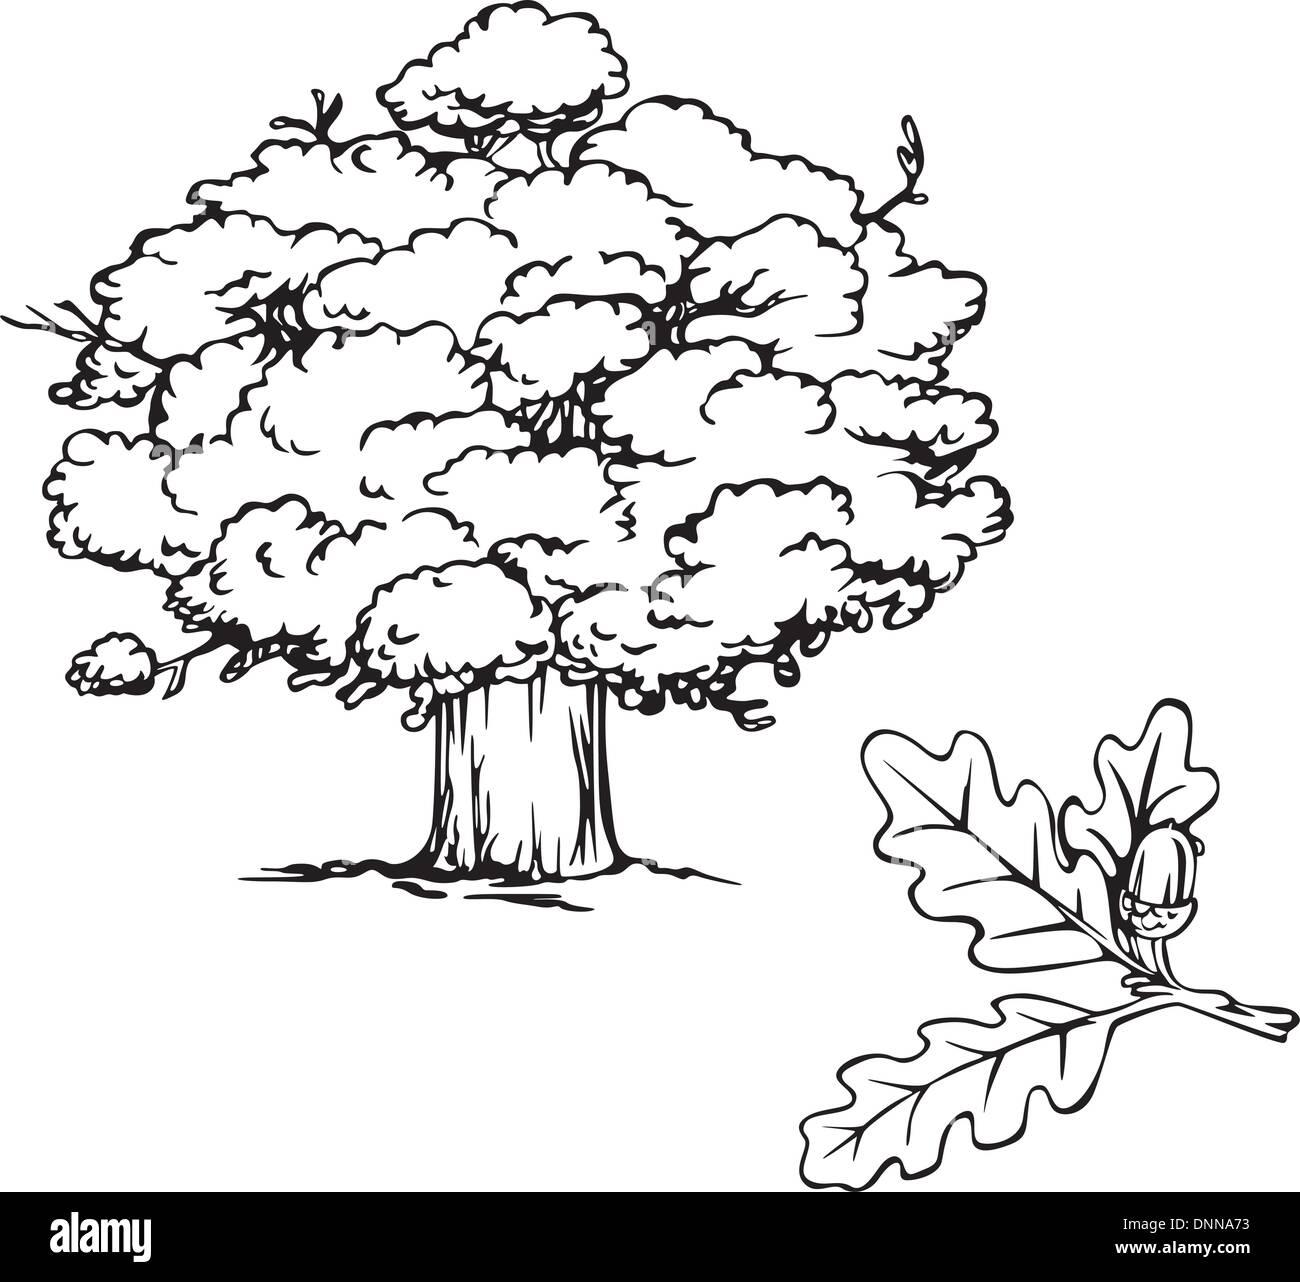 Arbre de chêne et de la direction générale avec gland. Vector illustration noir et blanc. Photo Stock